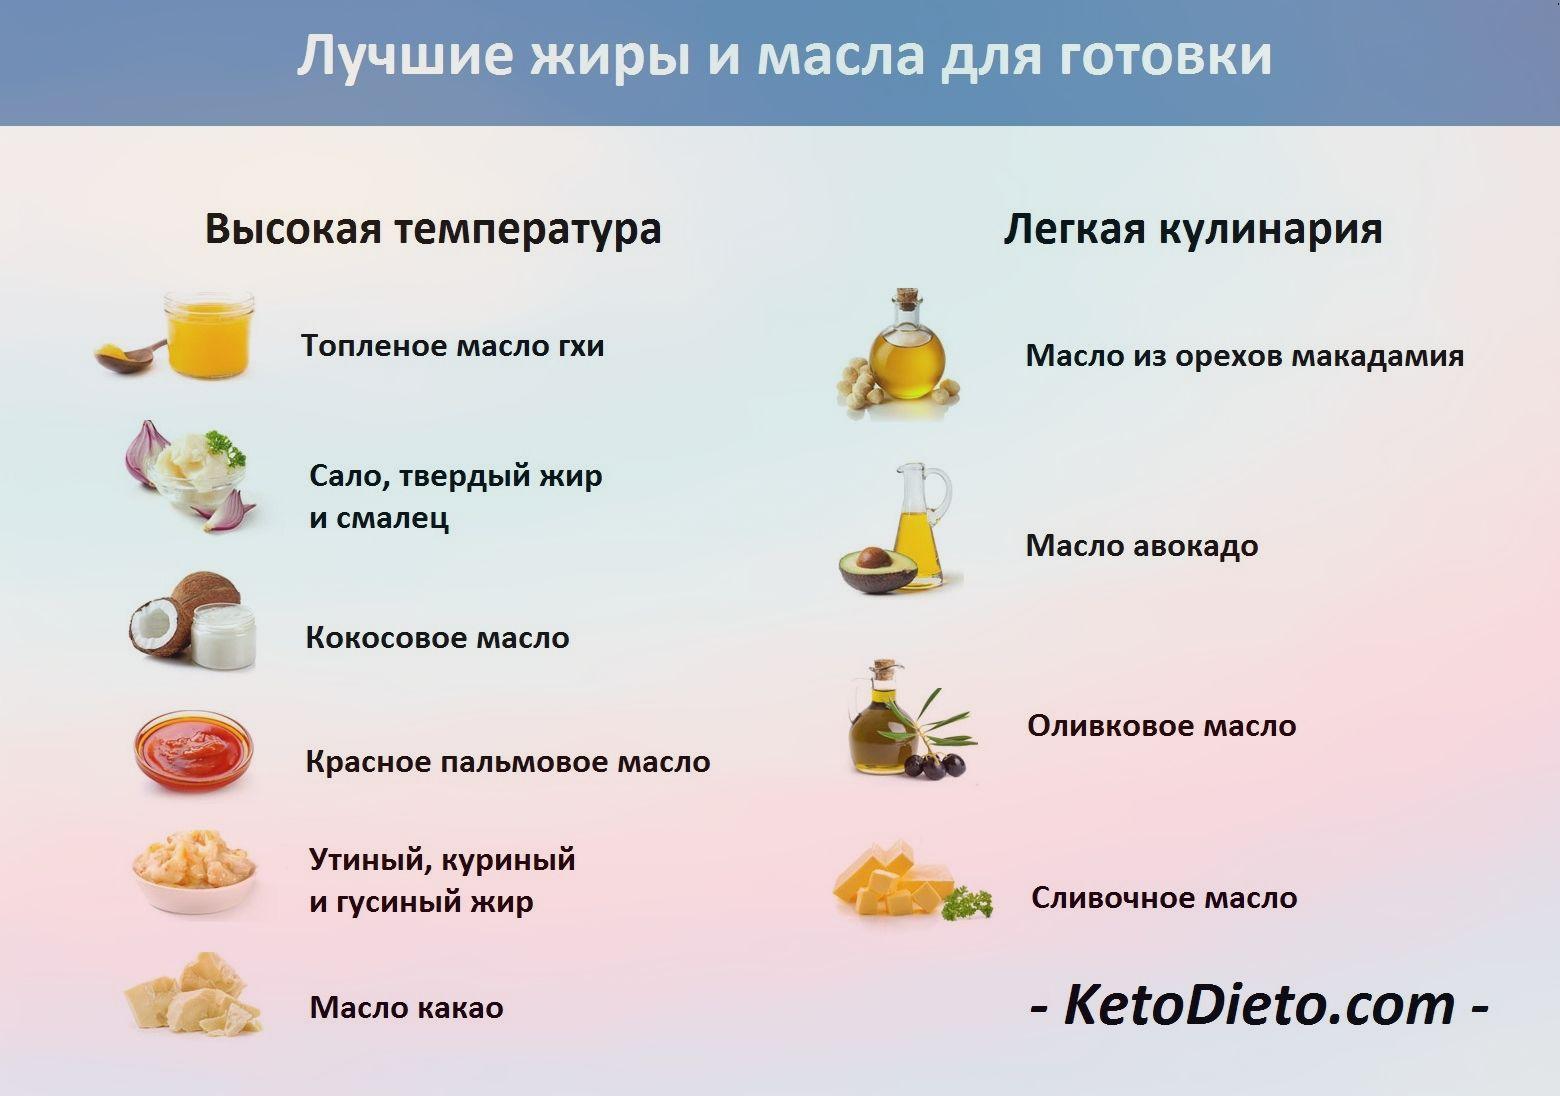 Кетогенная диета список продуктов